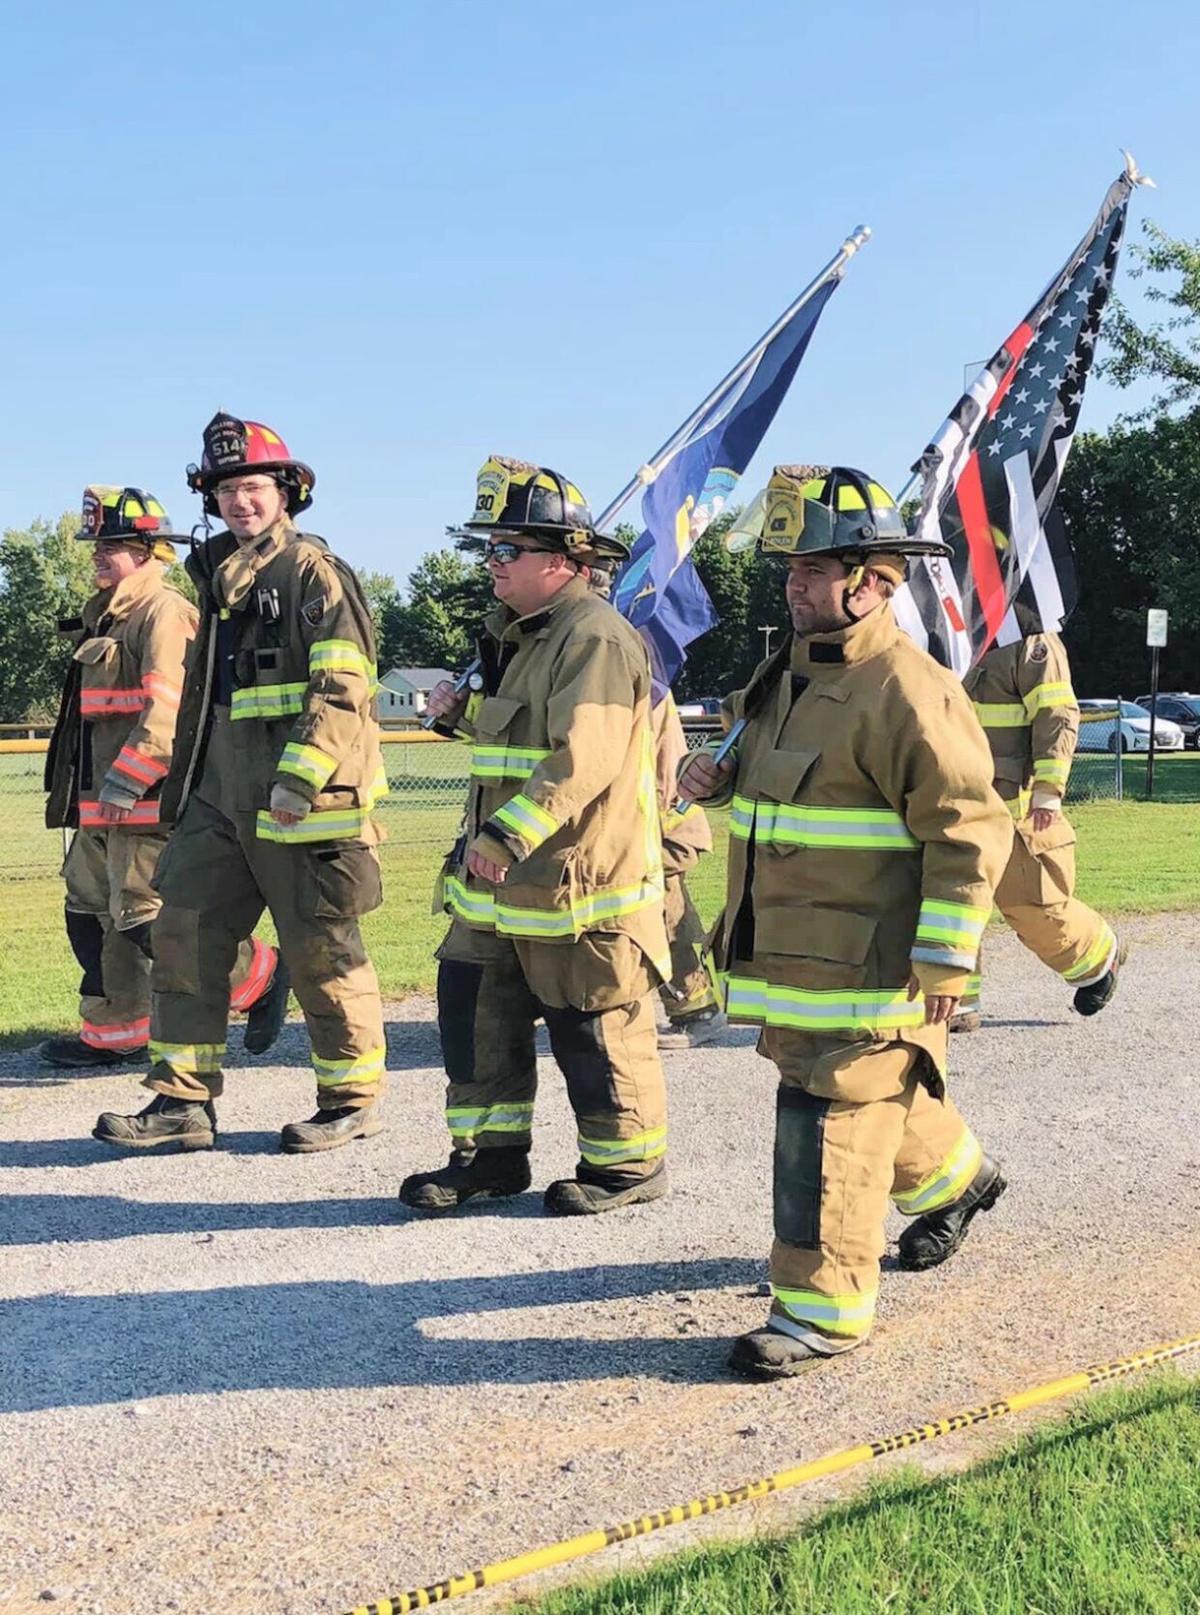 Firefighters walk